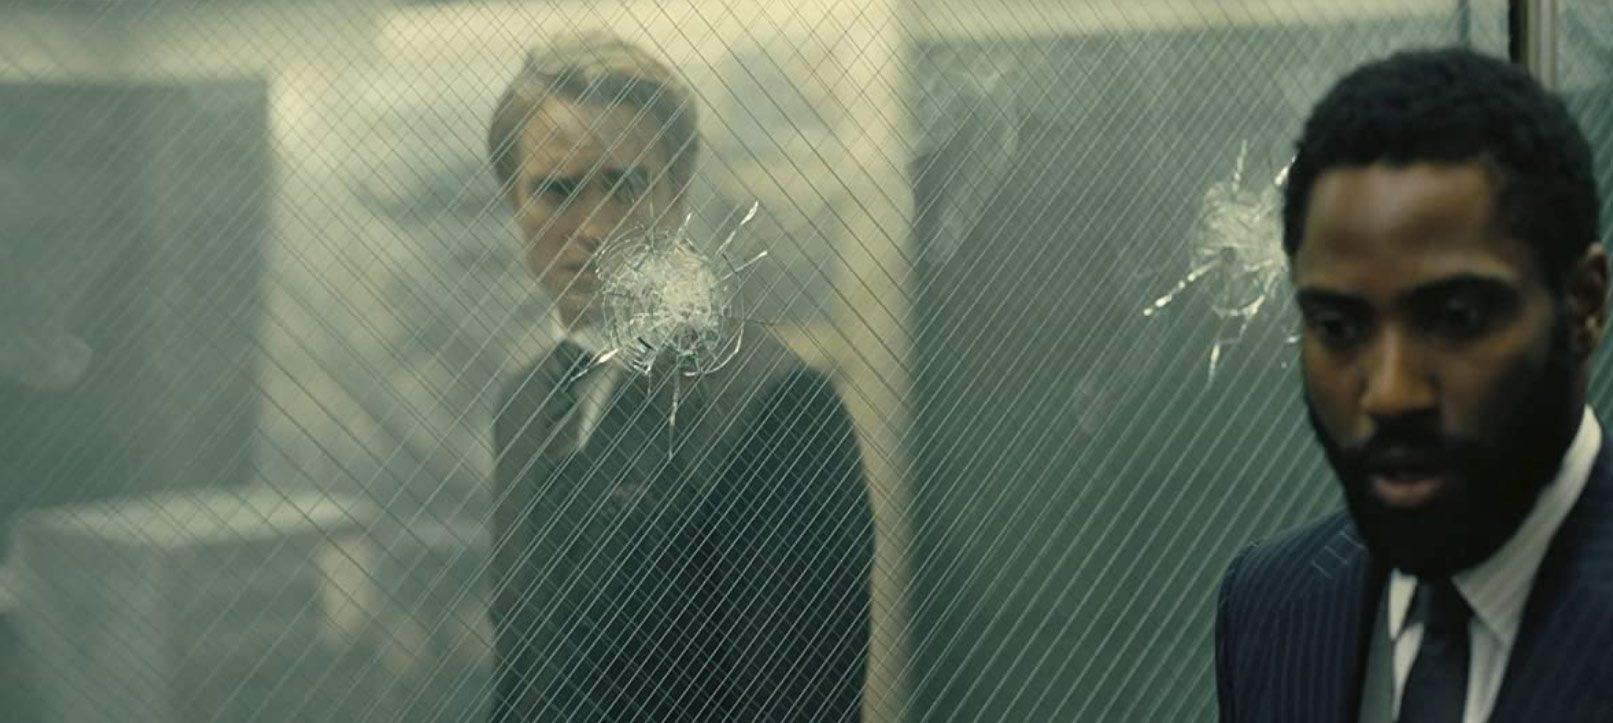 films review 2020 04 - <b>В новой реальности.</b> Итоги пандемийного киногода 2020 от Забороны - Заборона